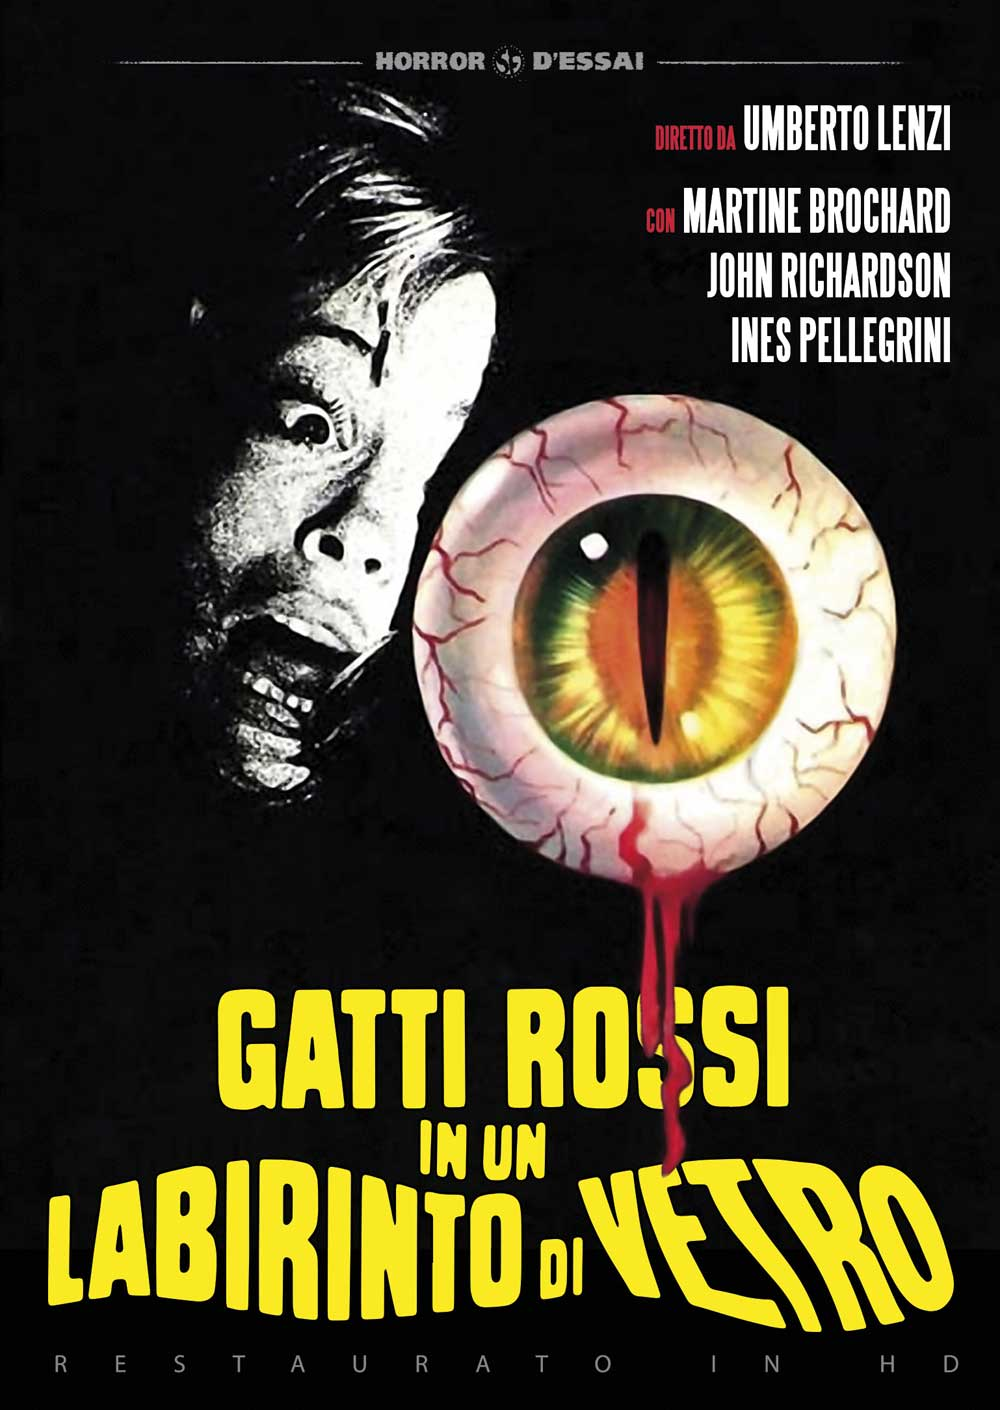 GATTI ROSSI IN UN LABIRINTO DI VETRO (RESTAURATO IN HD) (DVD)